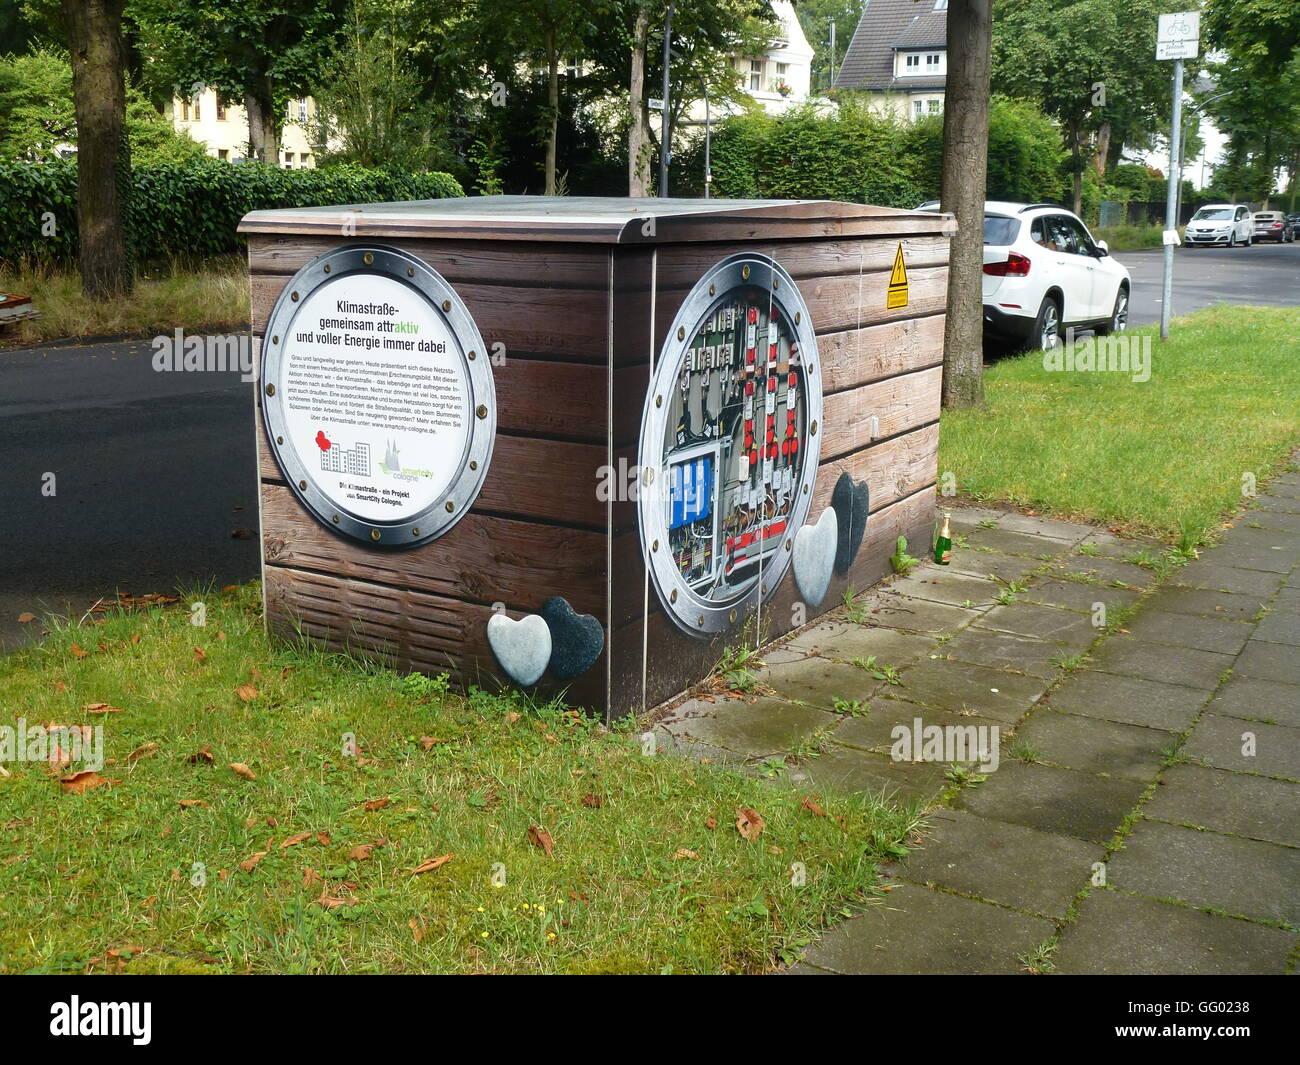 Nett Künstlerischer Draht Bilder - Die Besten Elektrischen ...